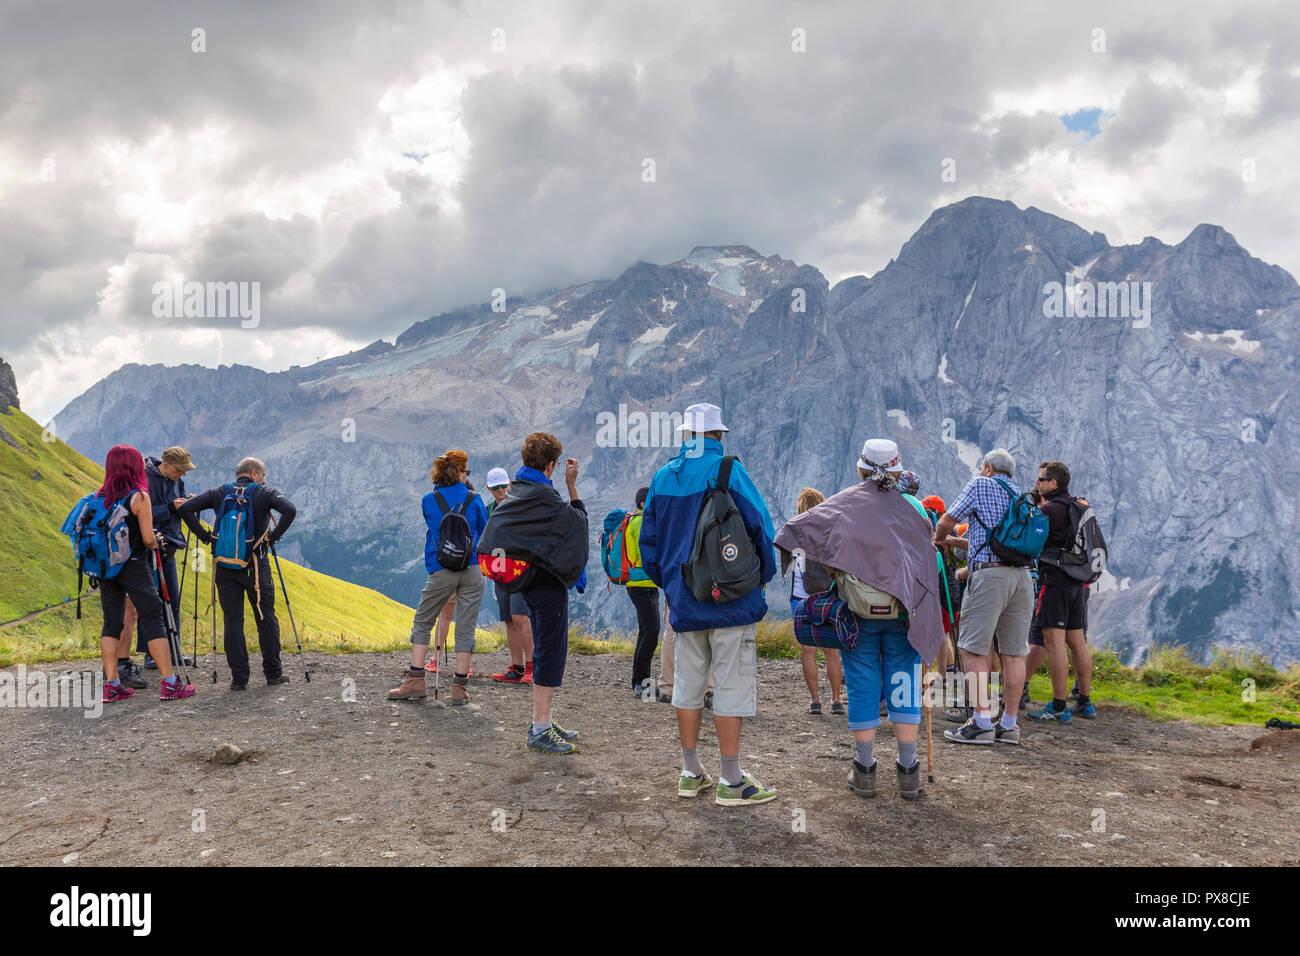 Group of tourist looks Marmolada. Pordoi Pass, Fassa Valley, Trentino, Dolomites, Italy, Europe. - Stock Image